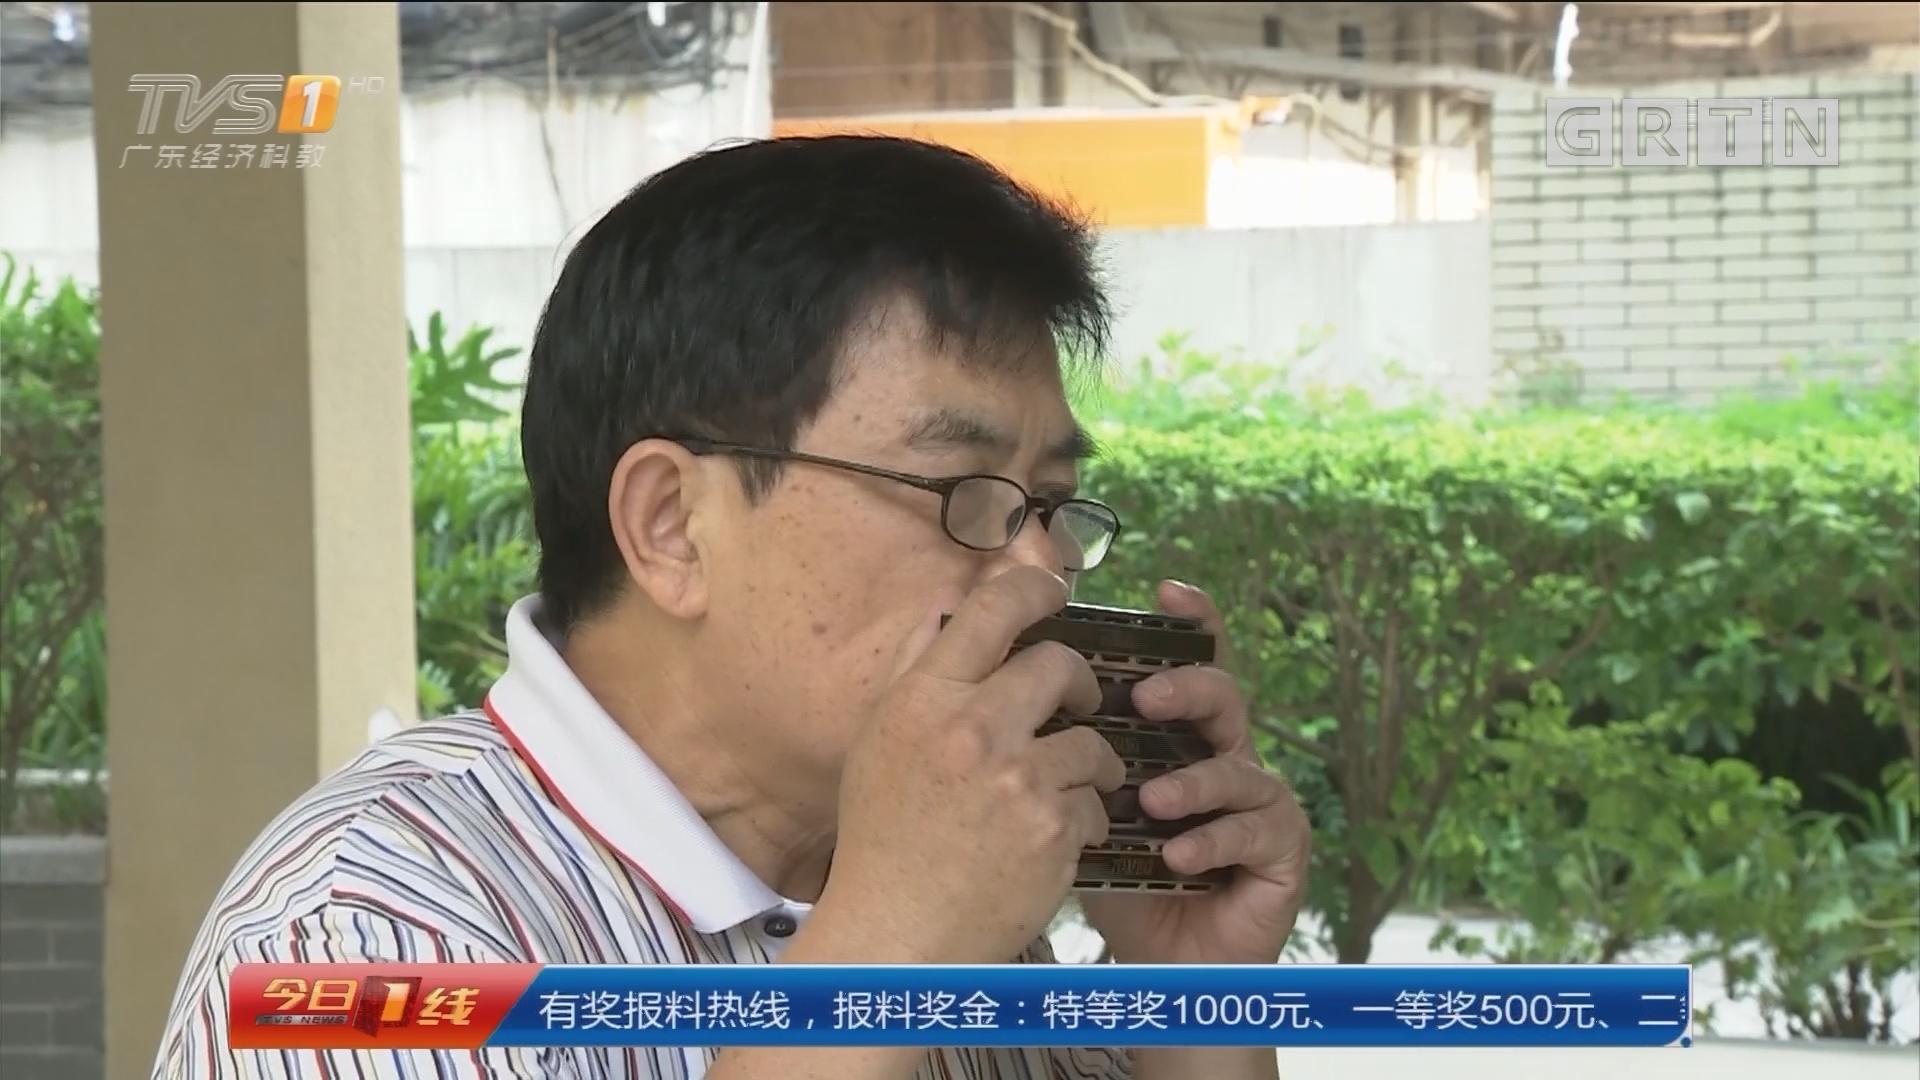 佛山禅城:66岁口琴达人 五琴齐奏吹响世界名曲